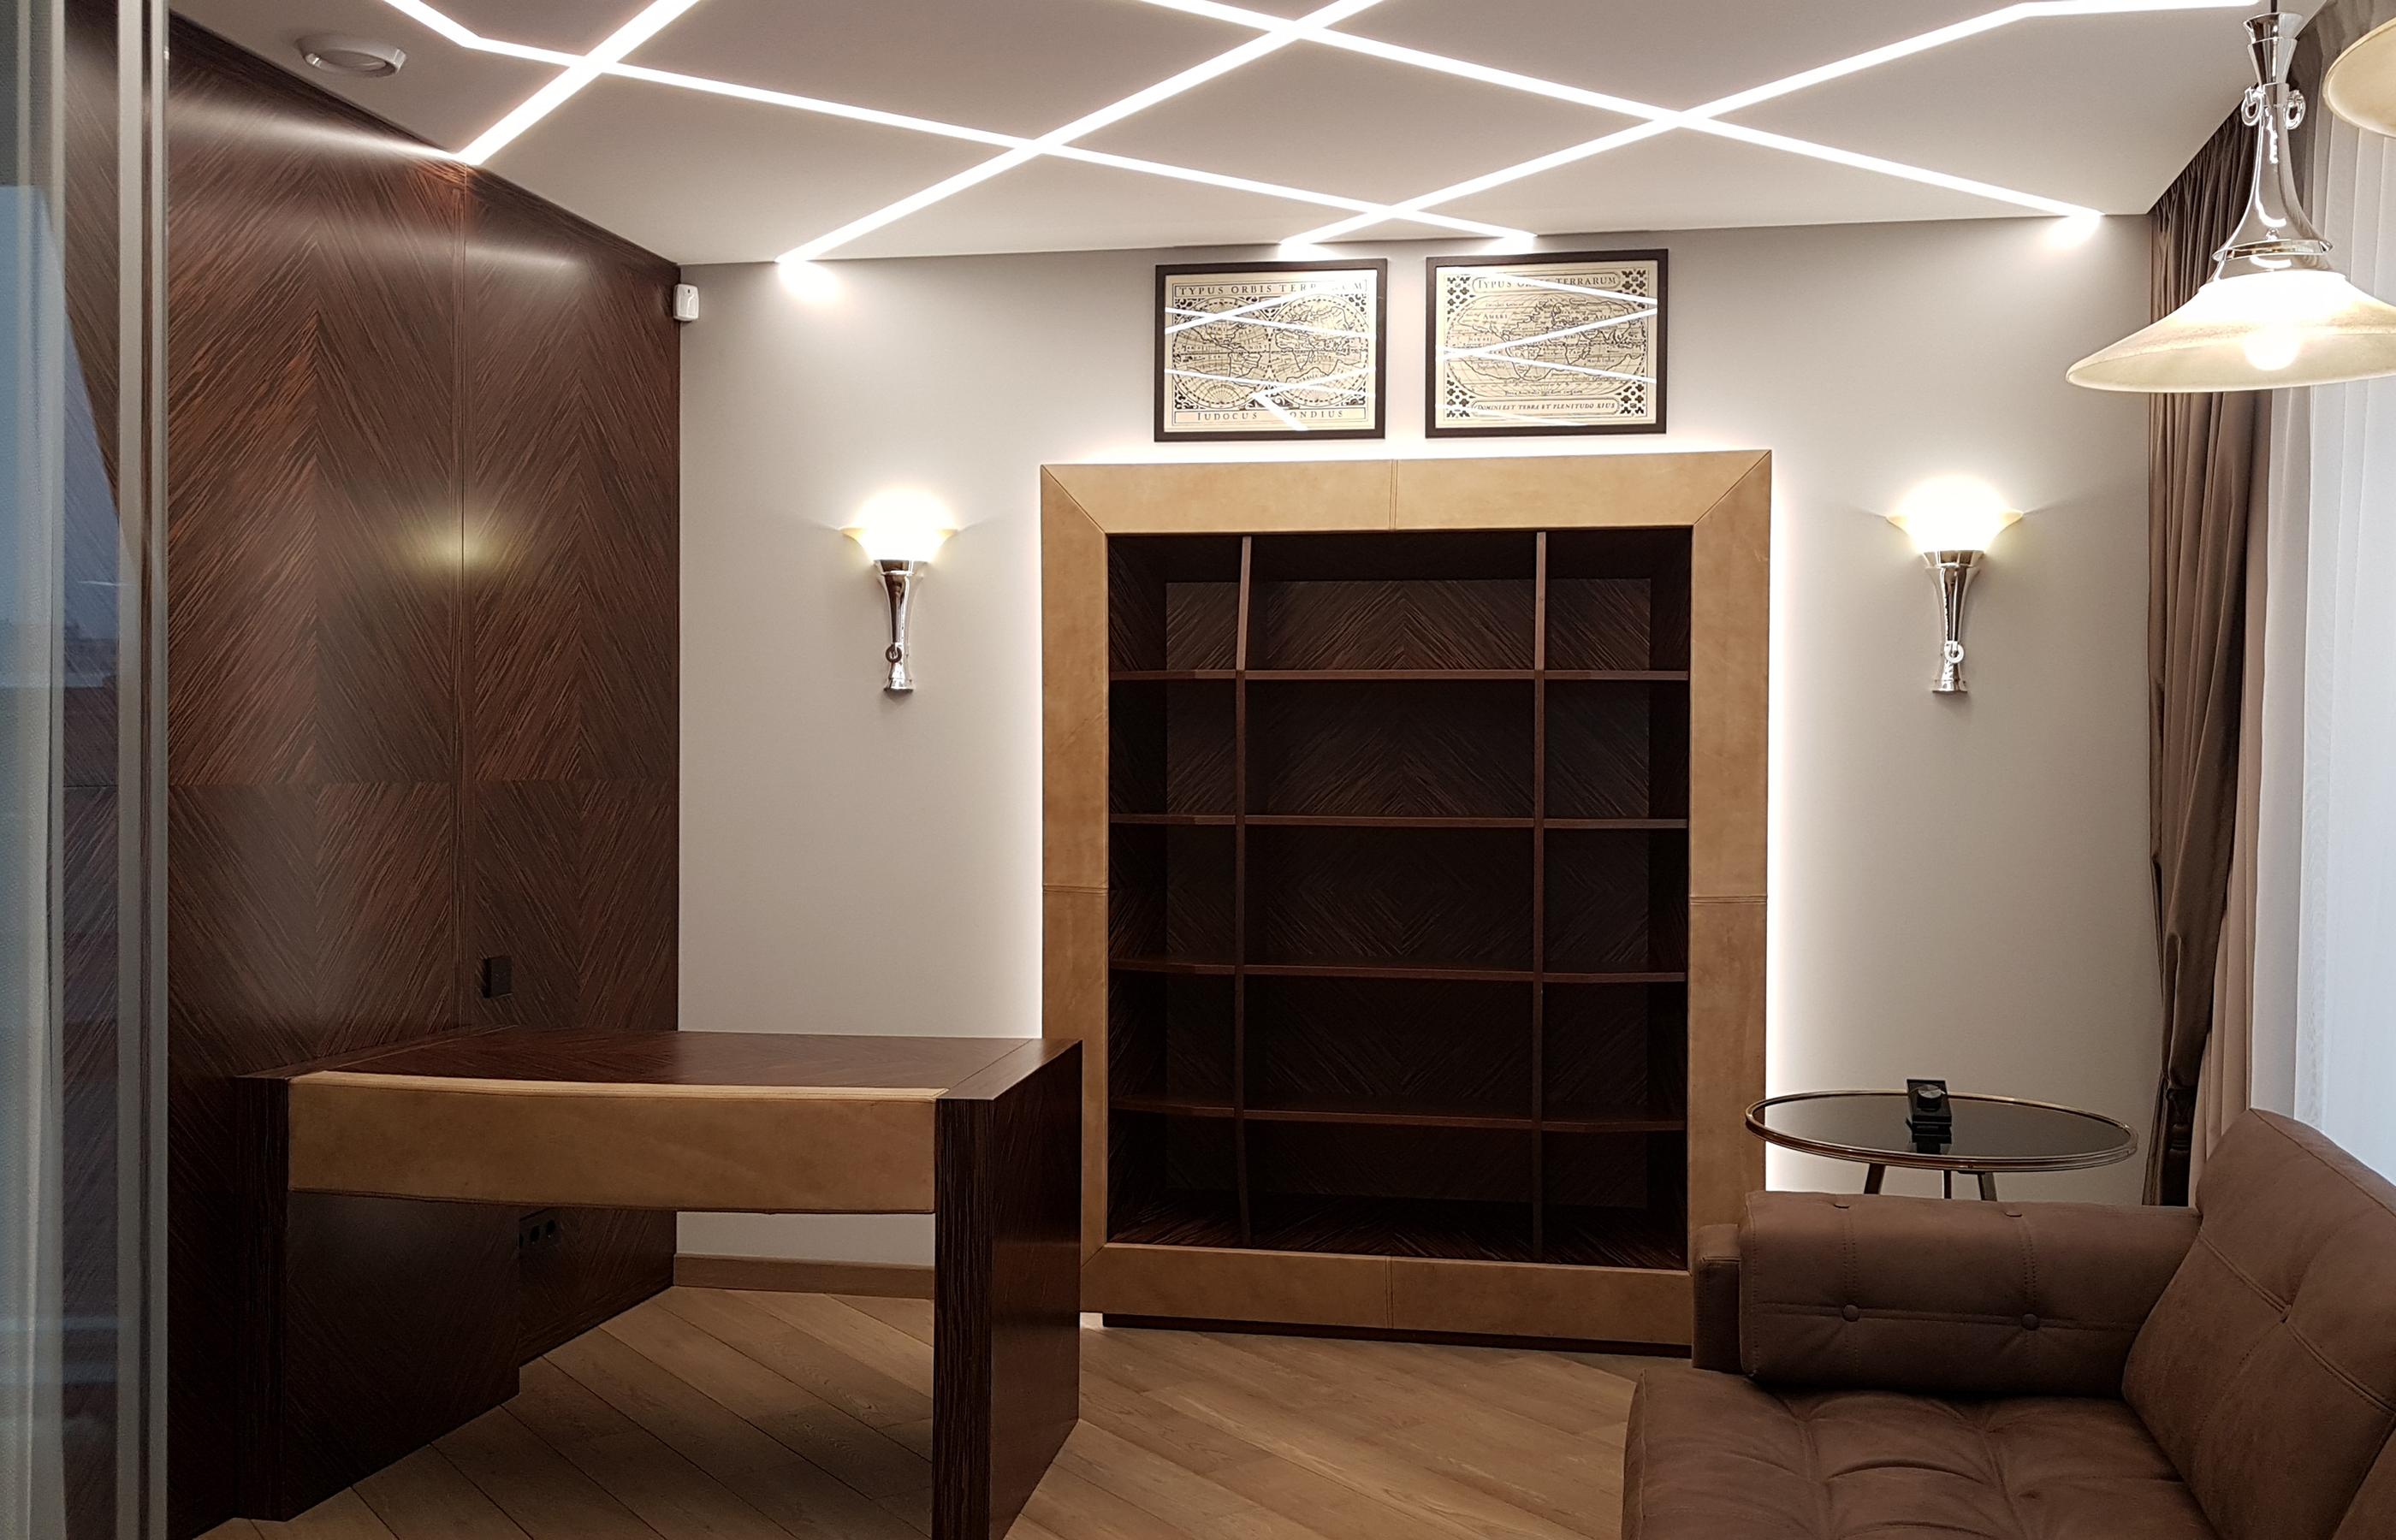 Интерьер рабочего кабинета в шоколадно-табачной цветовой гамме с применение натуральных материалов (дерево и кожа)